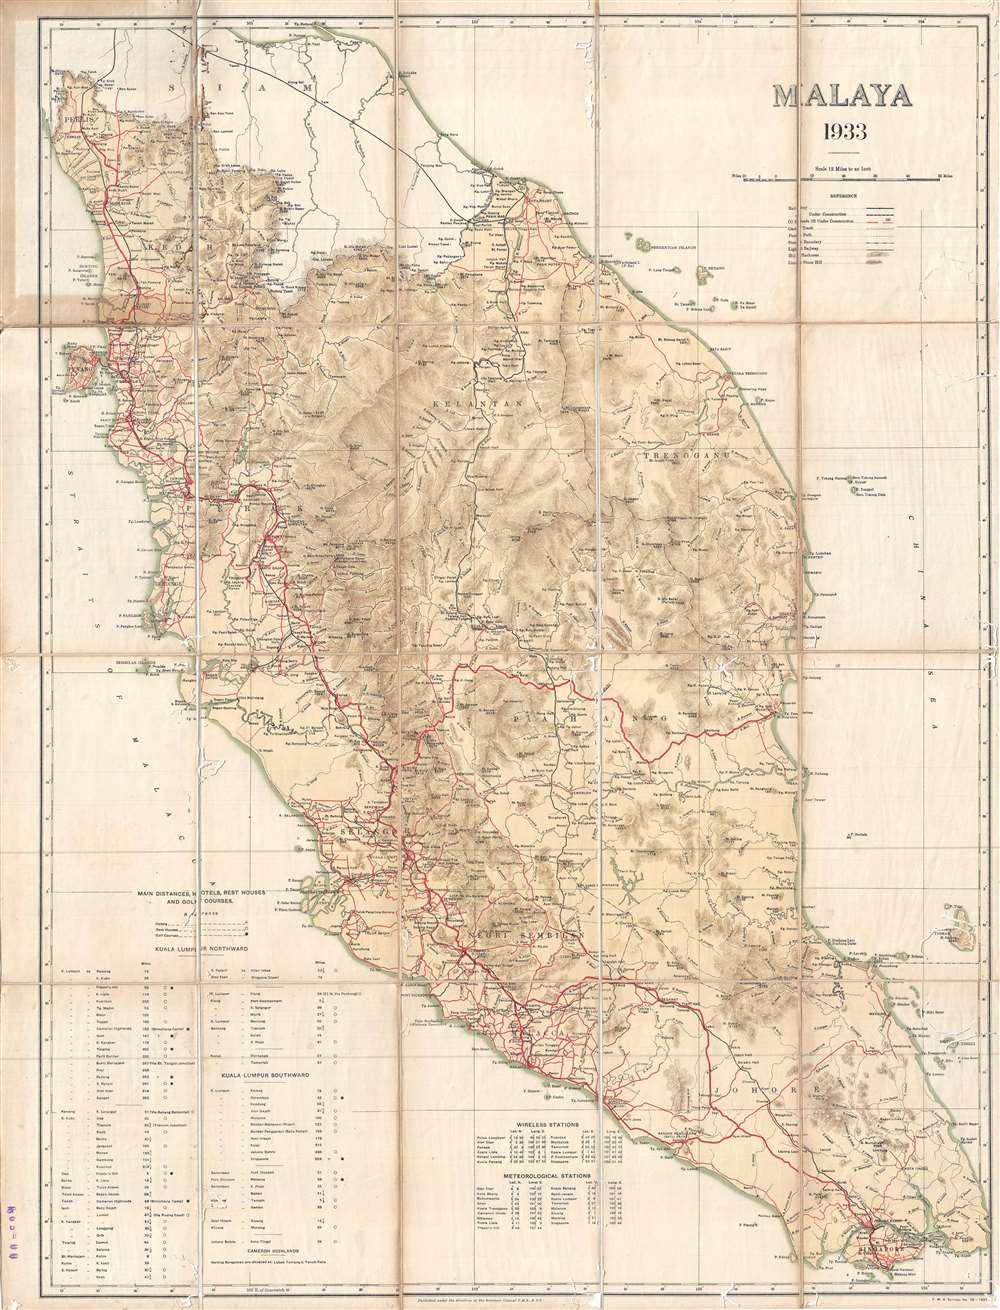 Malaya 1933.